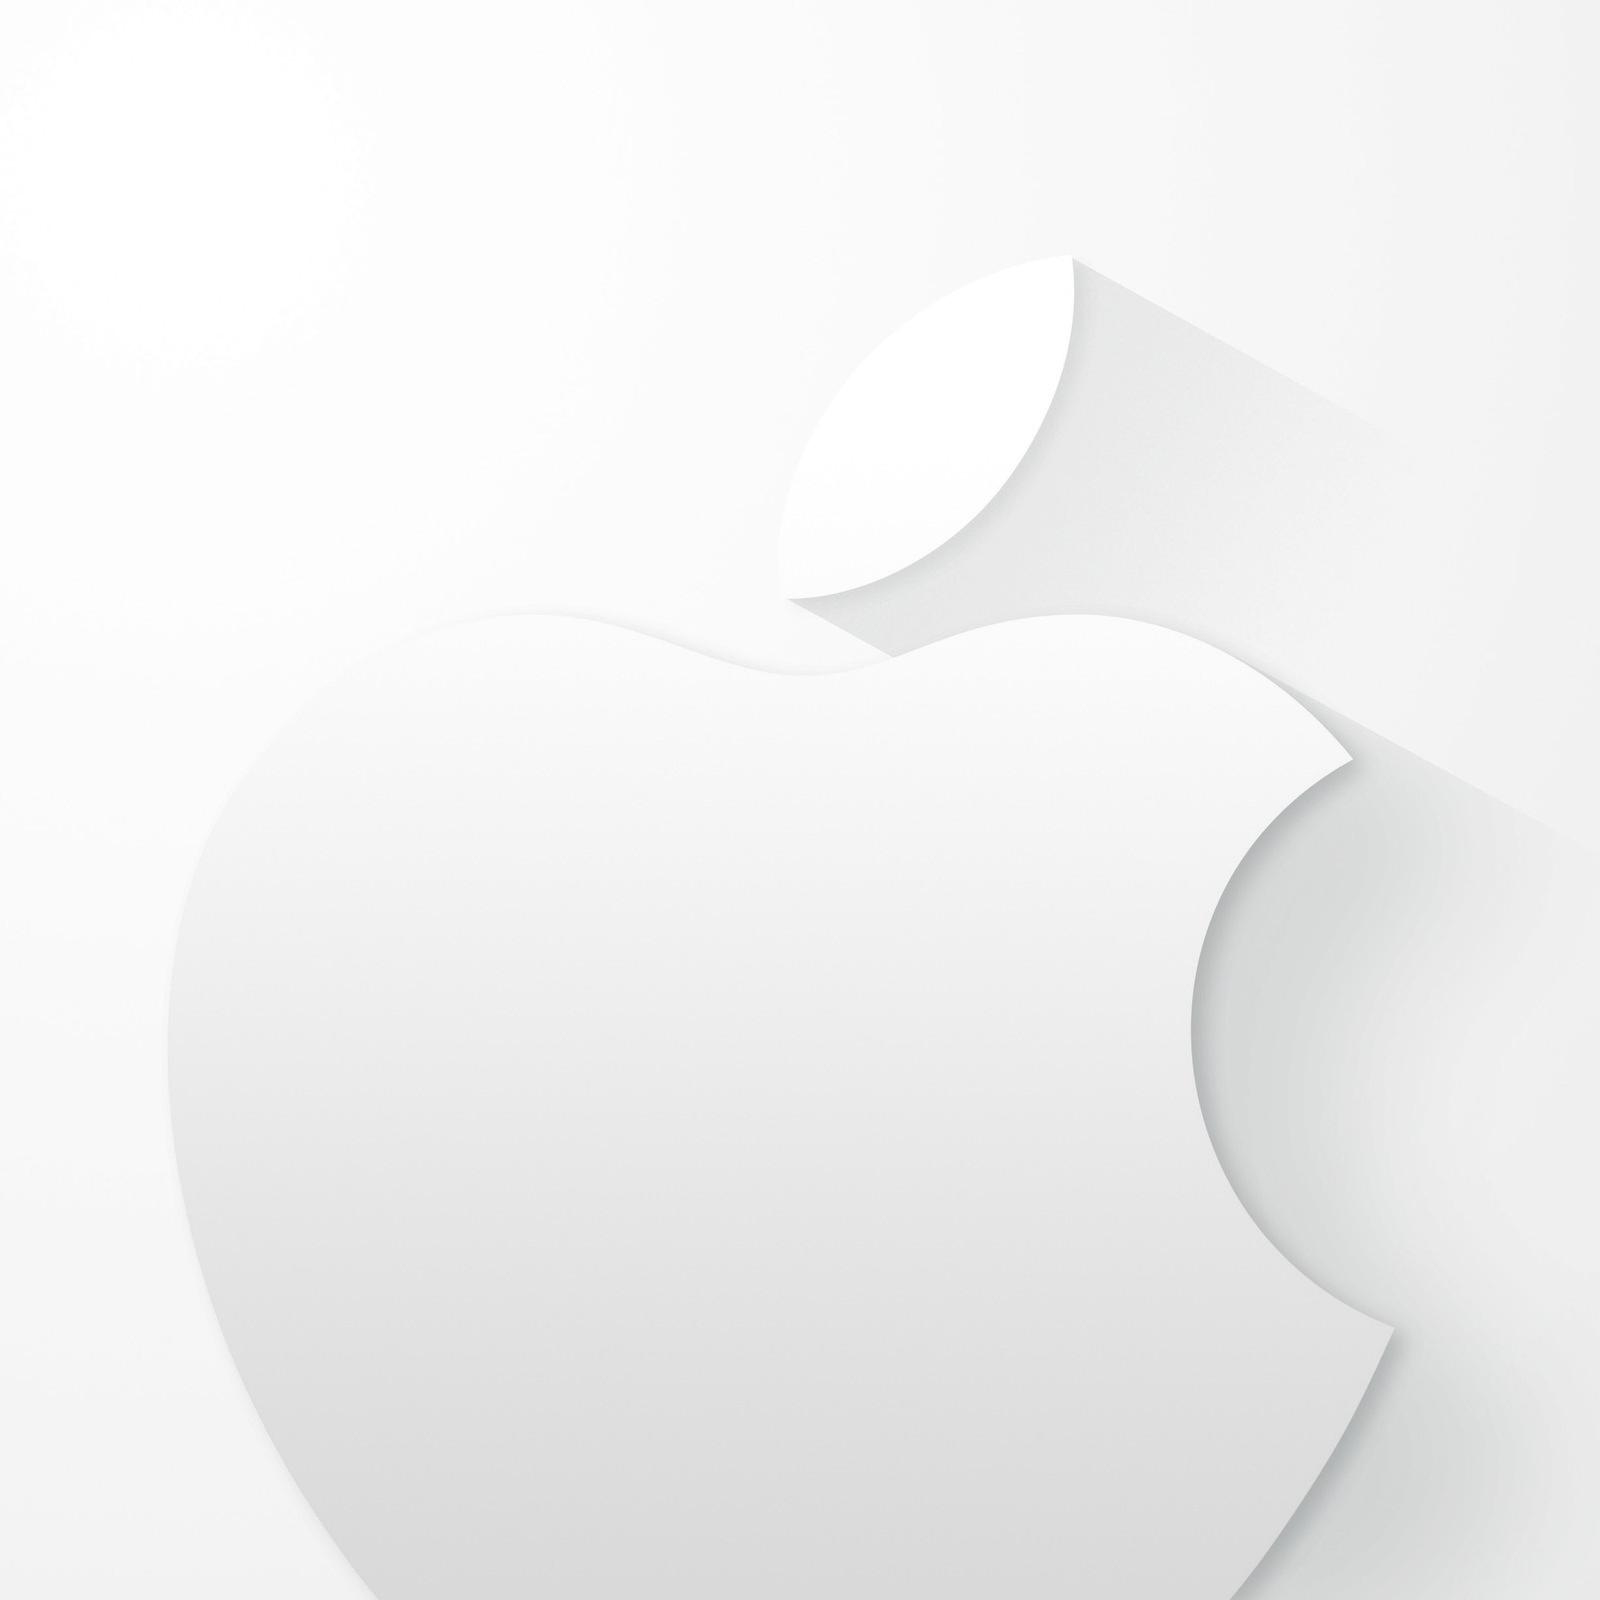 Scarica gratuitamente gli sfondi dell'evento di presentazione dell'iPhone 6!